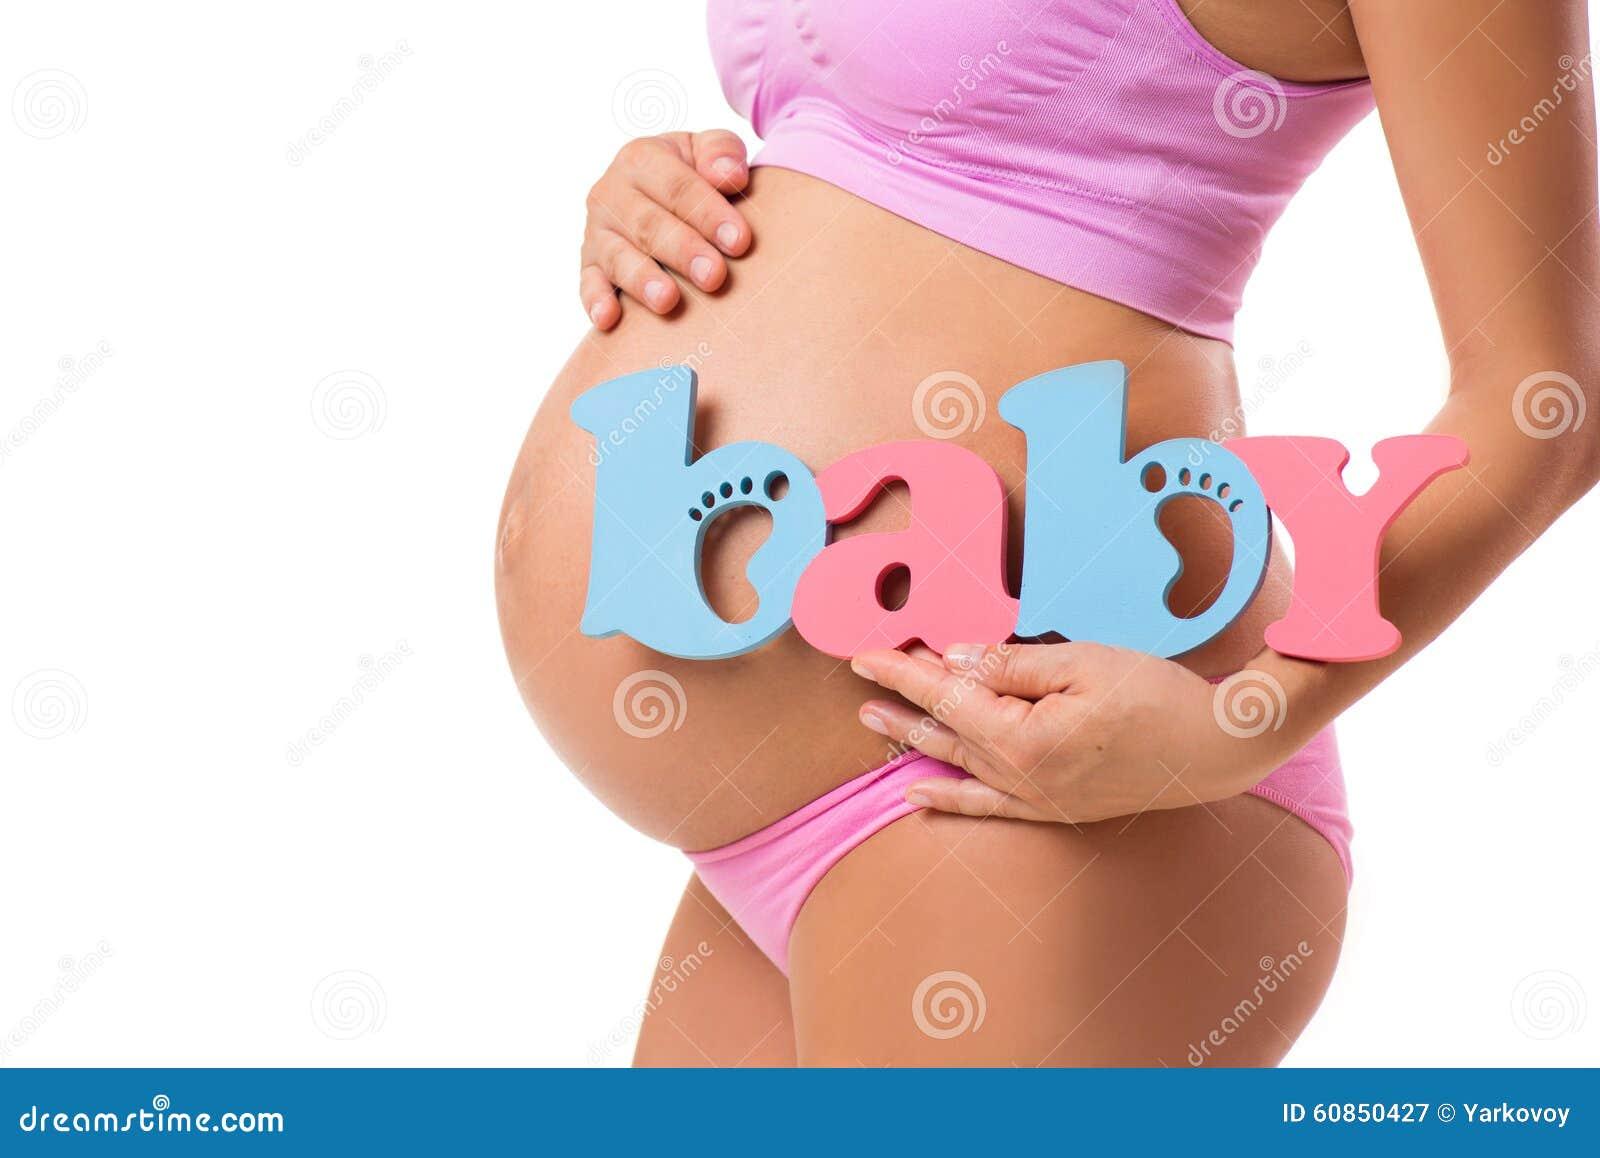 schwangere junge und mädchen sex